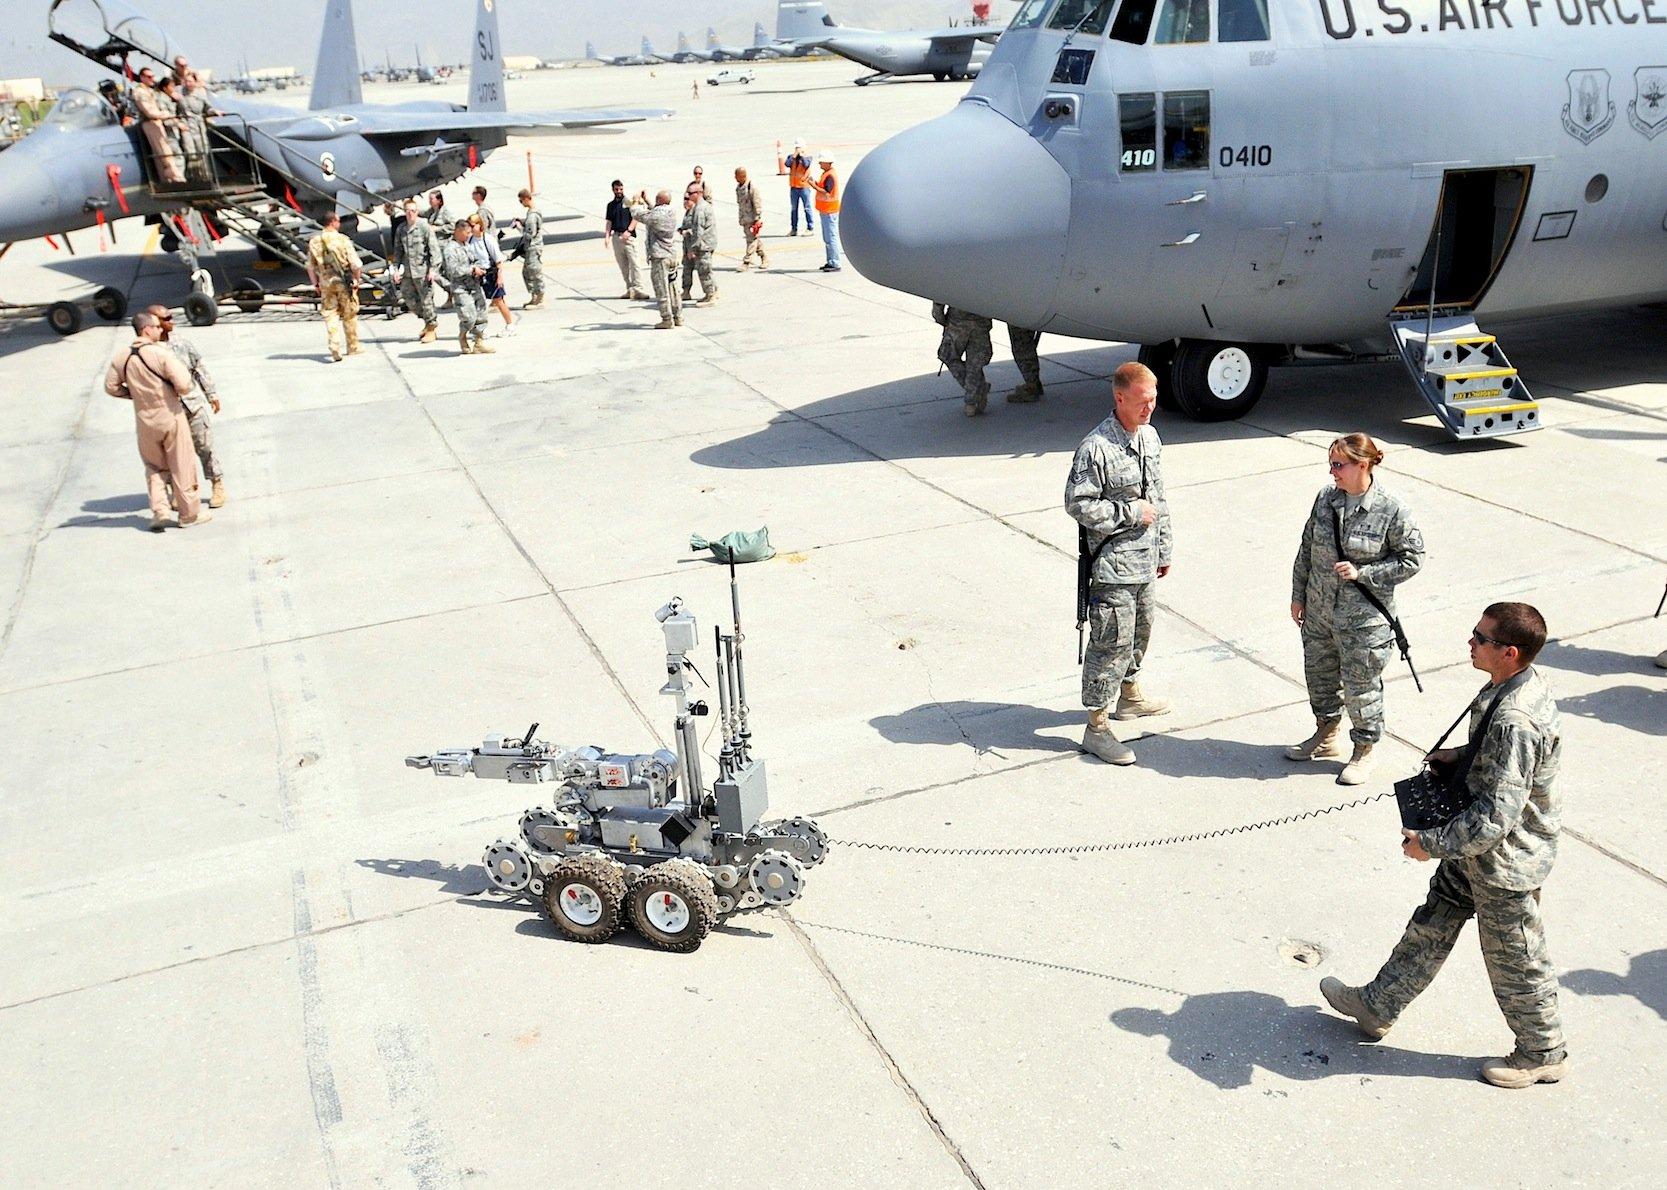 Roboter wie der für die Bombensuche konstruierte Andros F6 von Northrop Grumman Remotec wurden schon in Kriegsgebieten eingesetzt. Ein solcher Roboter wurde in Dallas genutzt, um einen Sprengsatz in die Nähe des Attentäters zu bringen. Im Bild ein Roboter im Einsatz für die US Air Force in Bagram in Afghanistan.